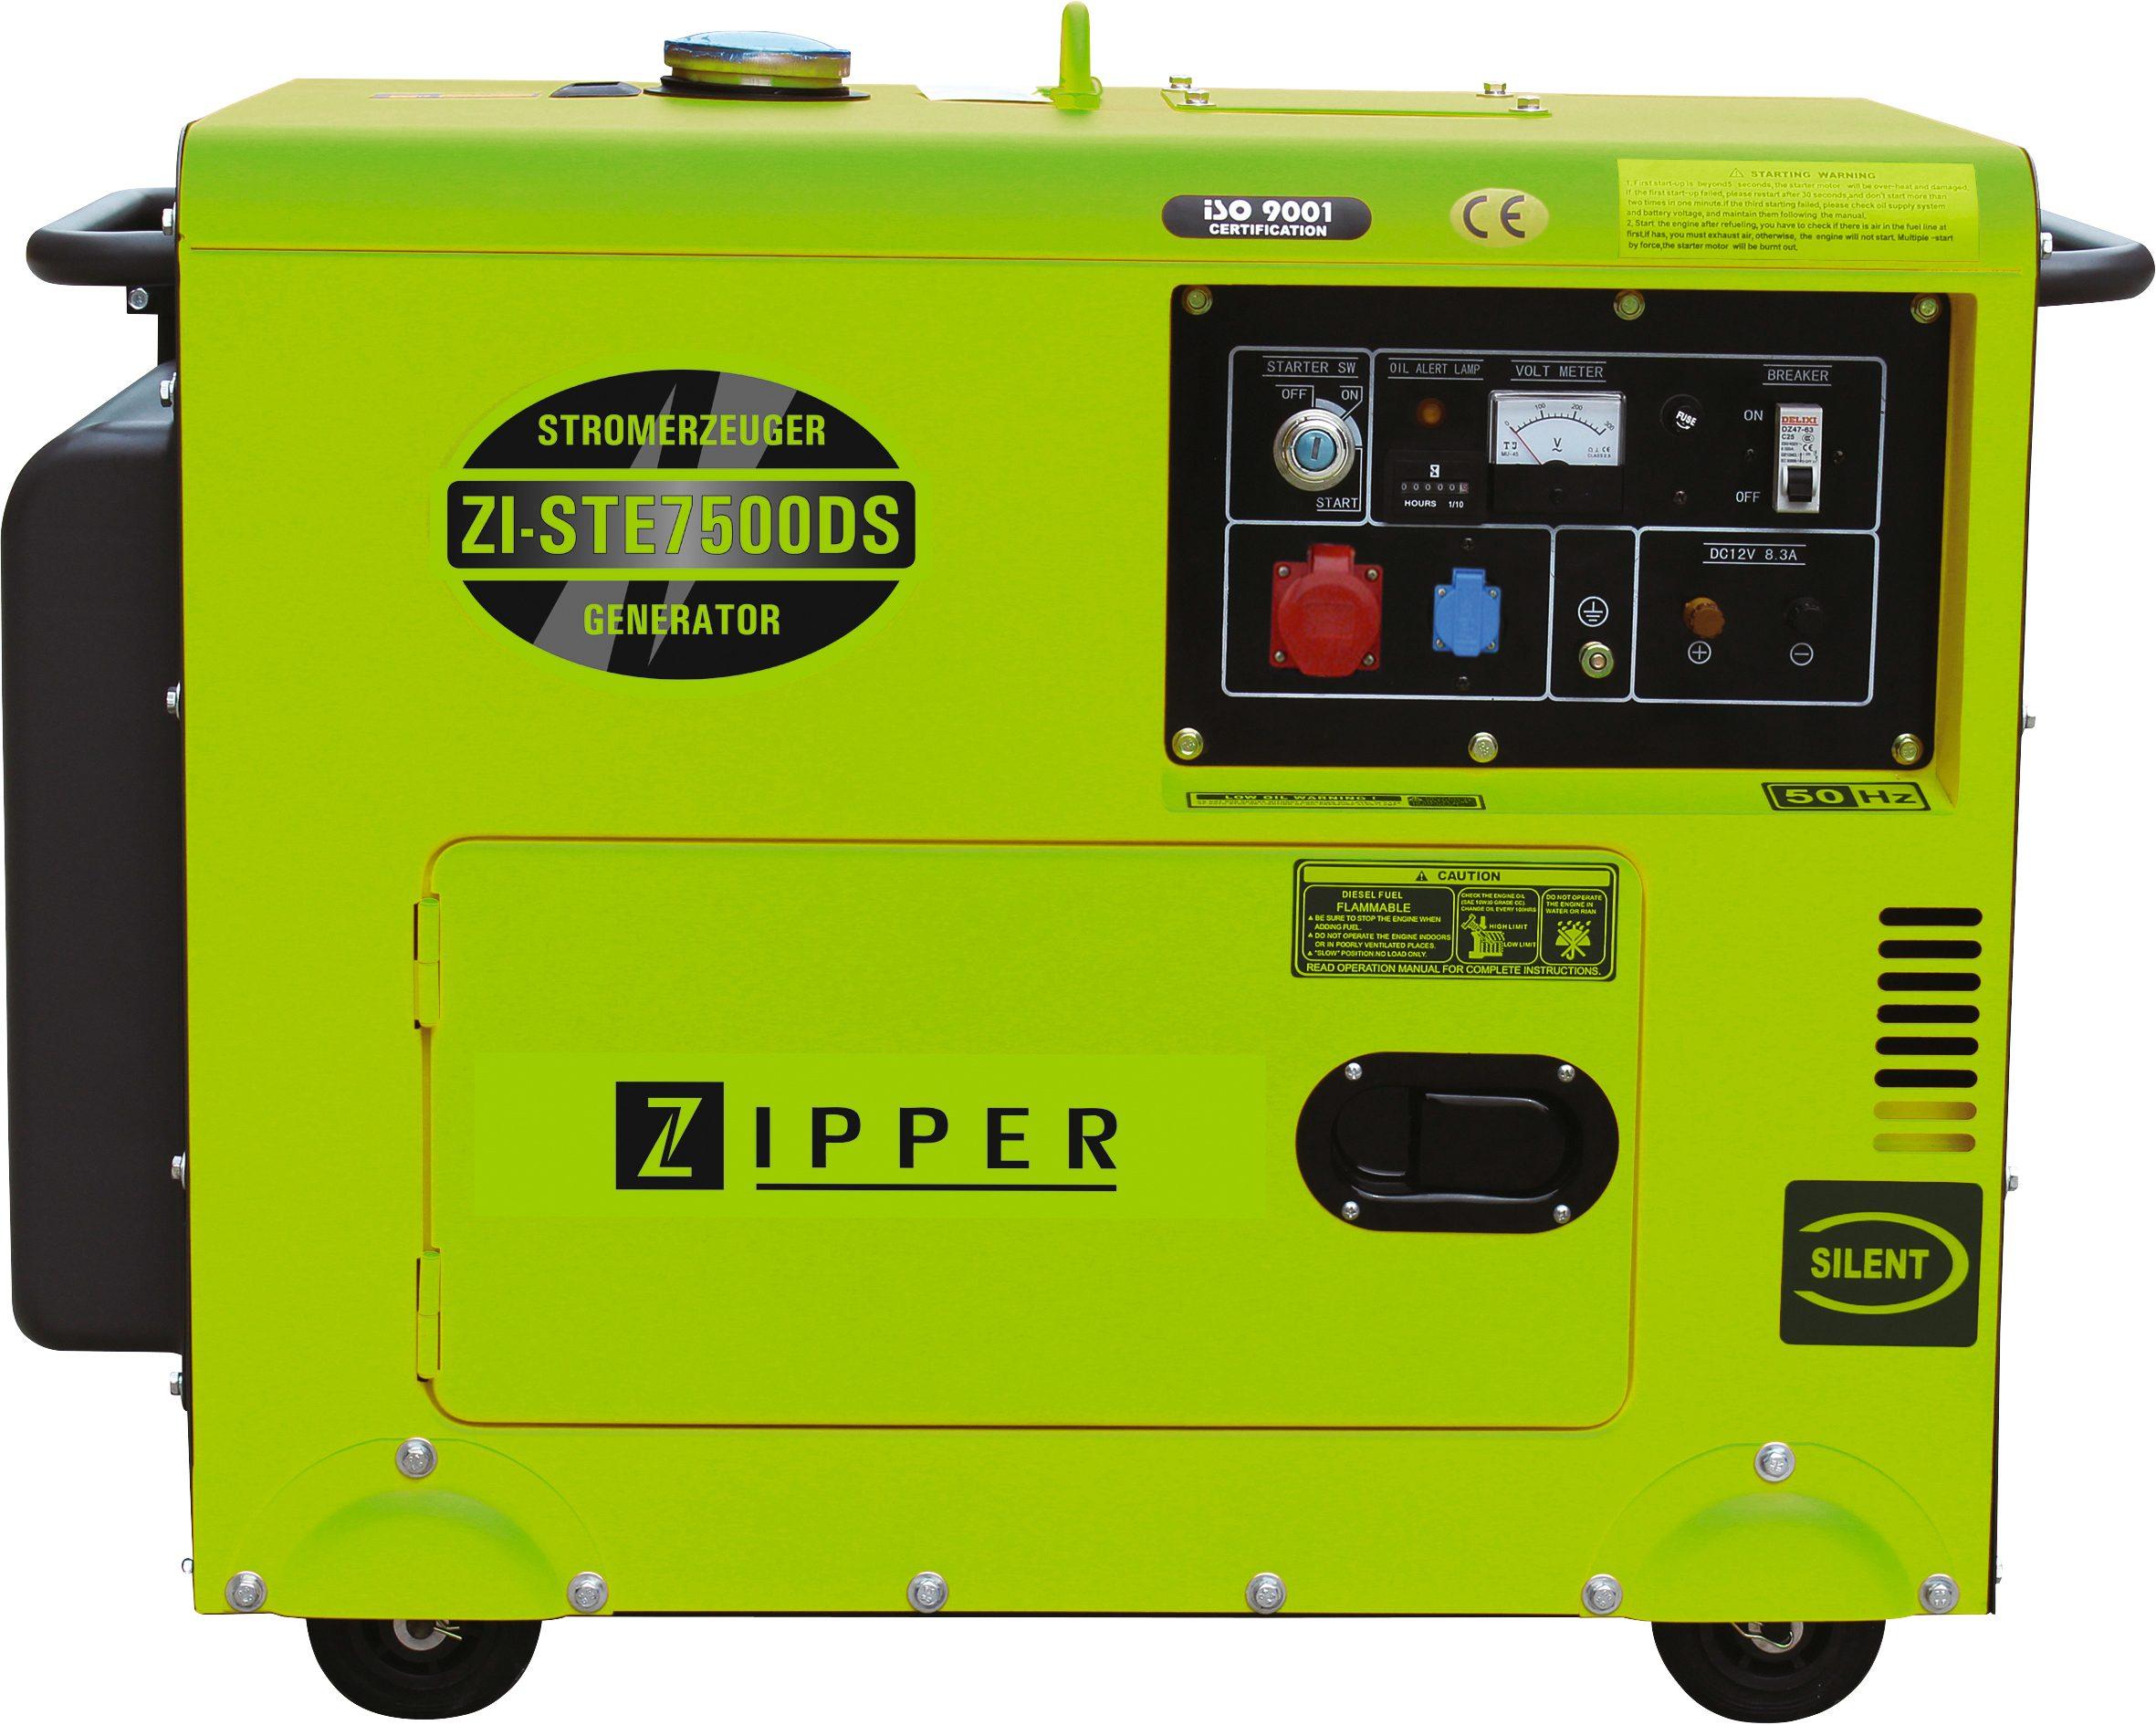 Stromerzeuger »ZI-STE7500DS« mit 2 Steckdosen (1 x 230 V / 1 x 400 V)